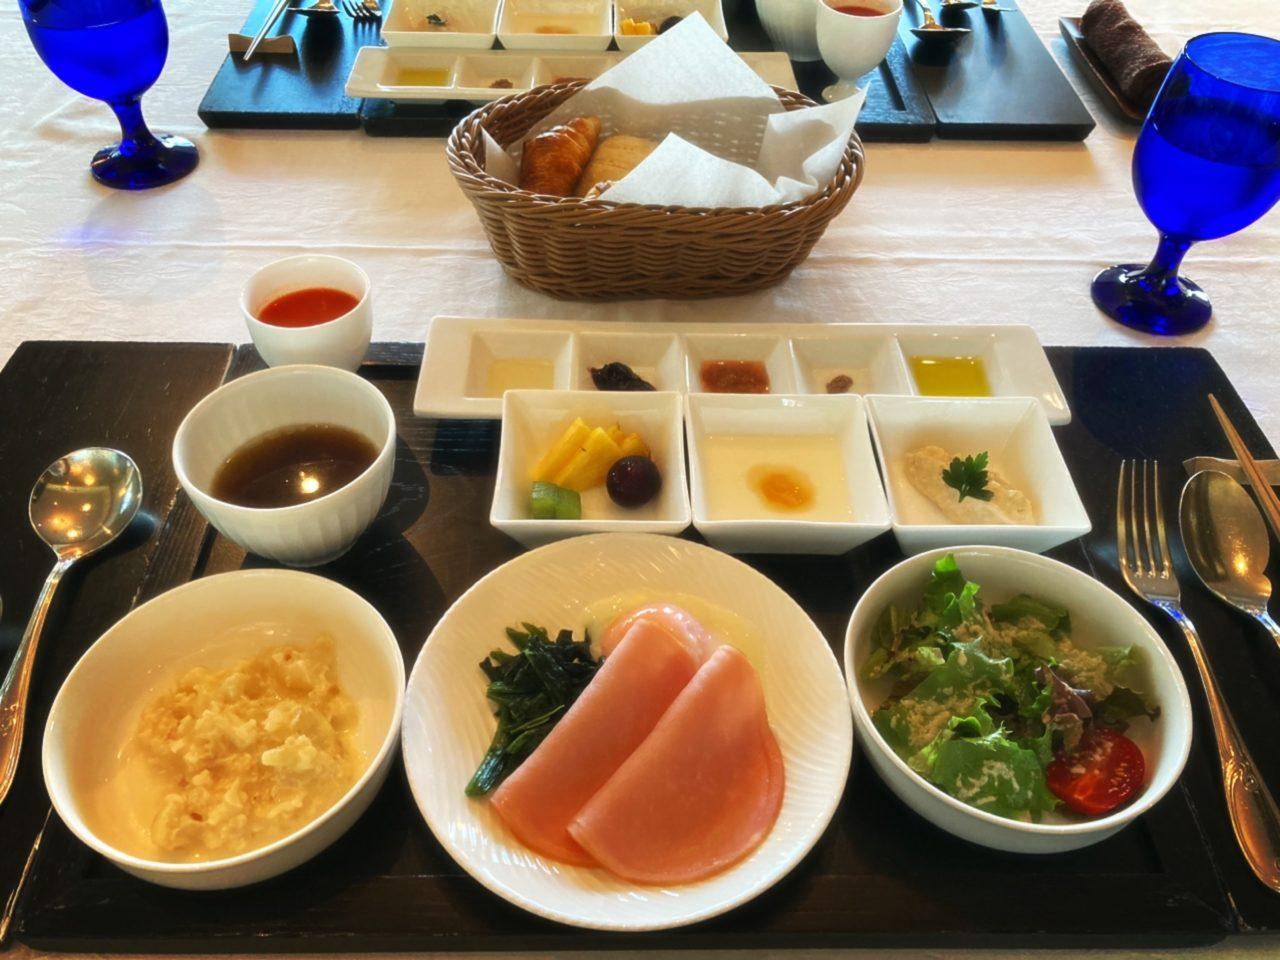 フォンテーヌブロー仙石亭の朝食